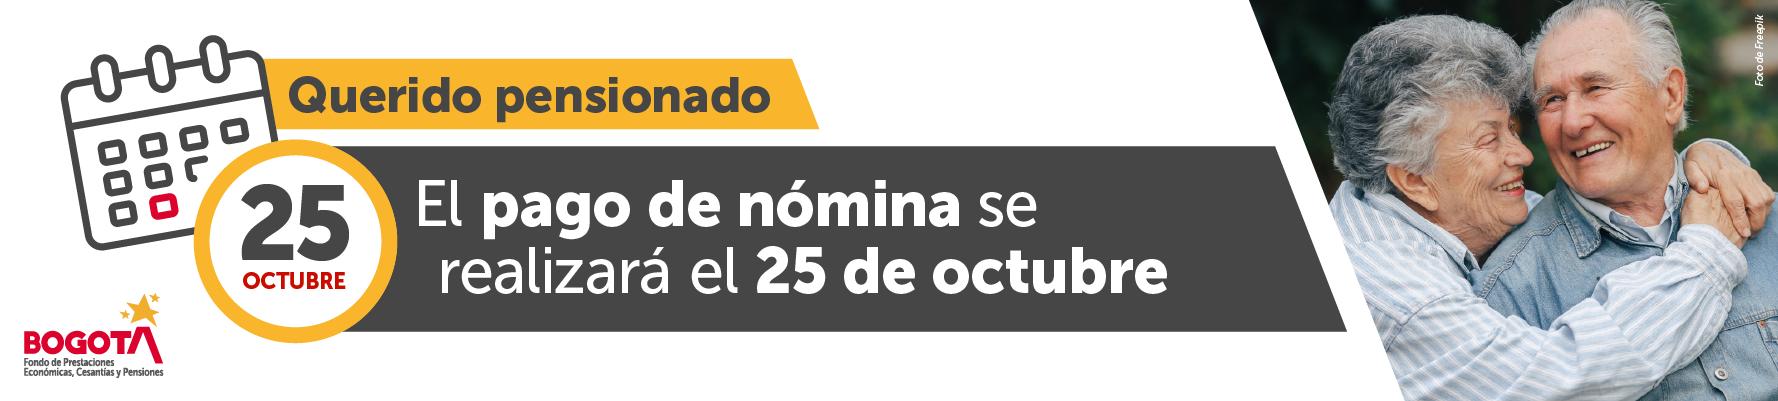 Querido pensionado, el pago de nómina se realizará el 25 de octubre